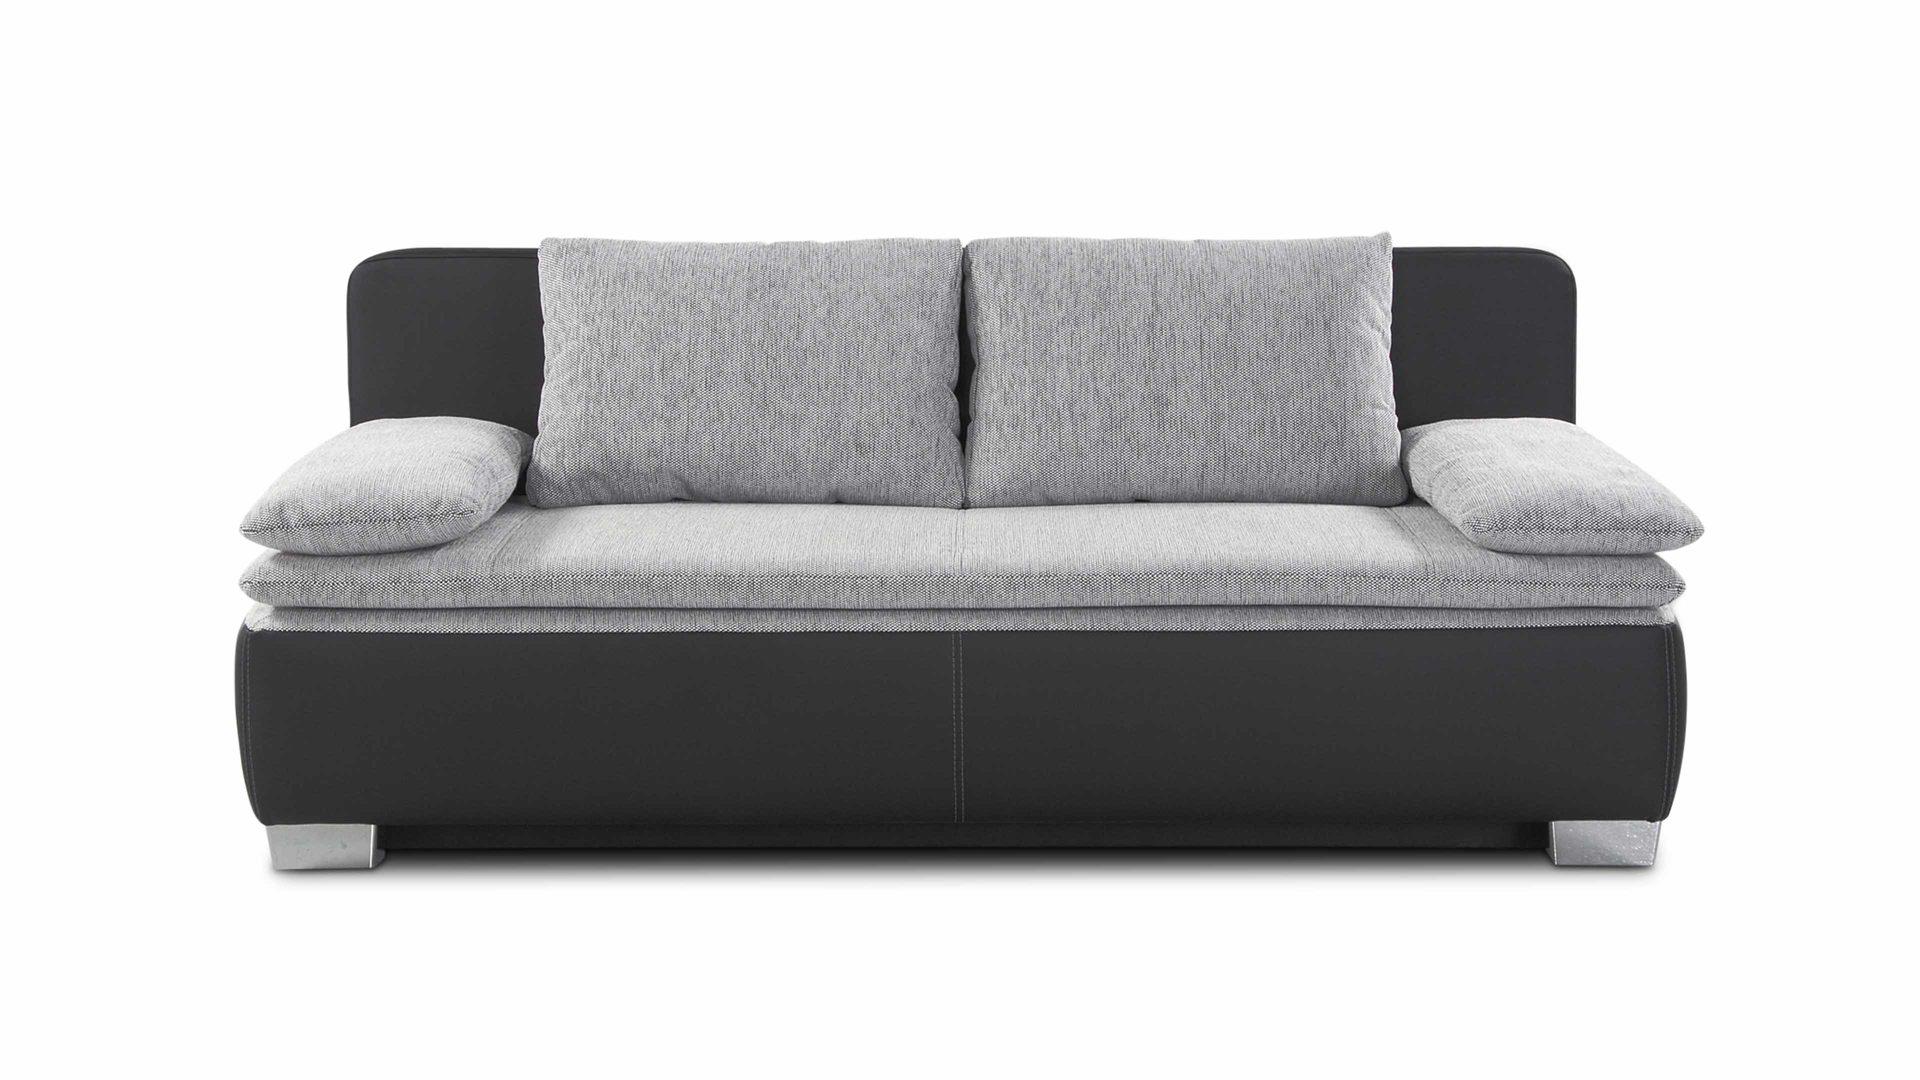 Polstermöbel mit schlaffunktion  Möbel Bernskötter Mülheim | Schlafsofa als Polstermöbel mit ...